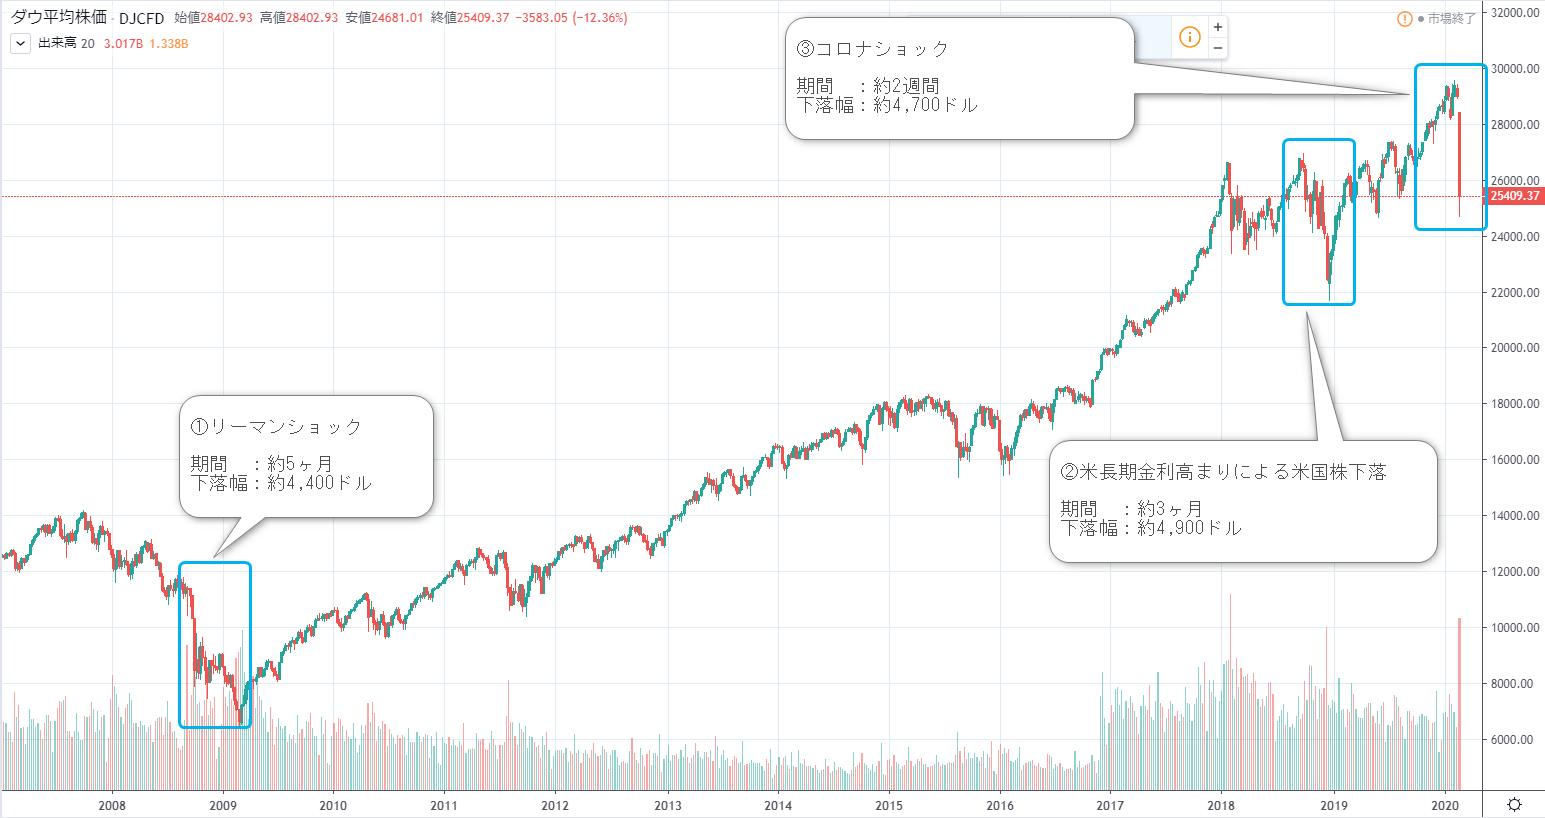 ダウのチャートから見る下落幅と期間